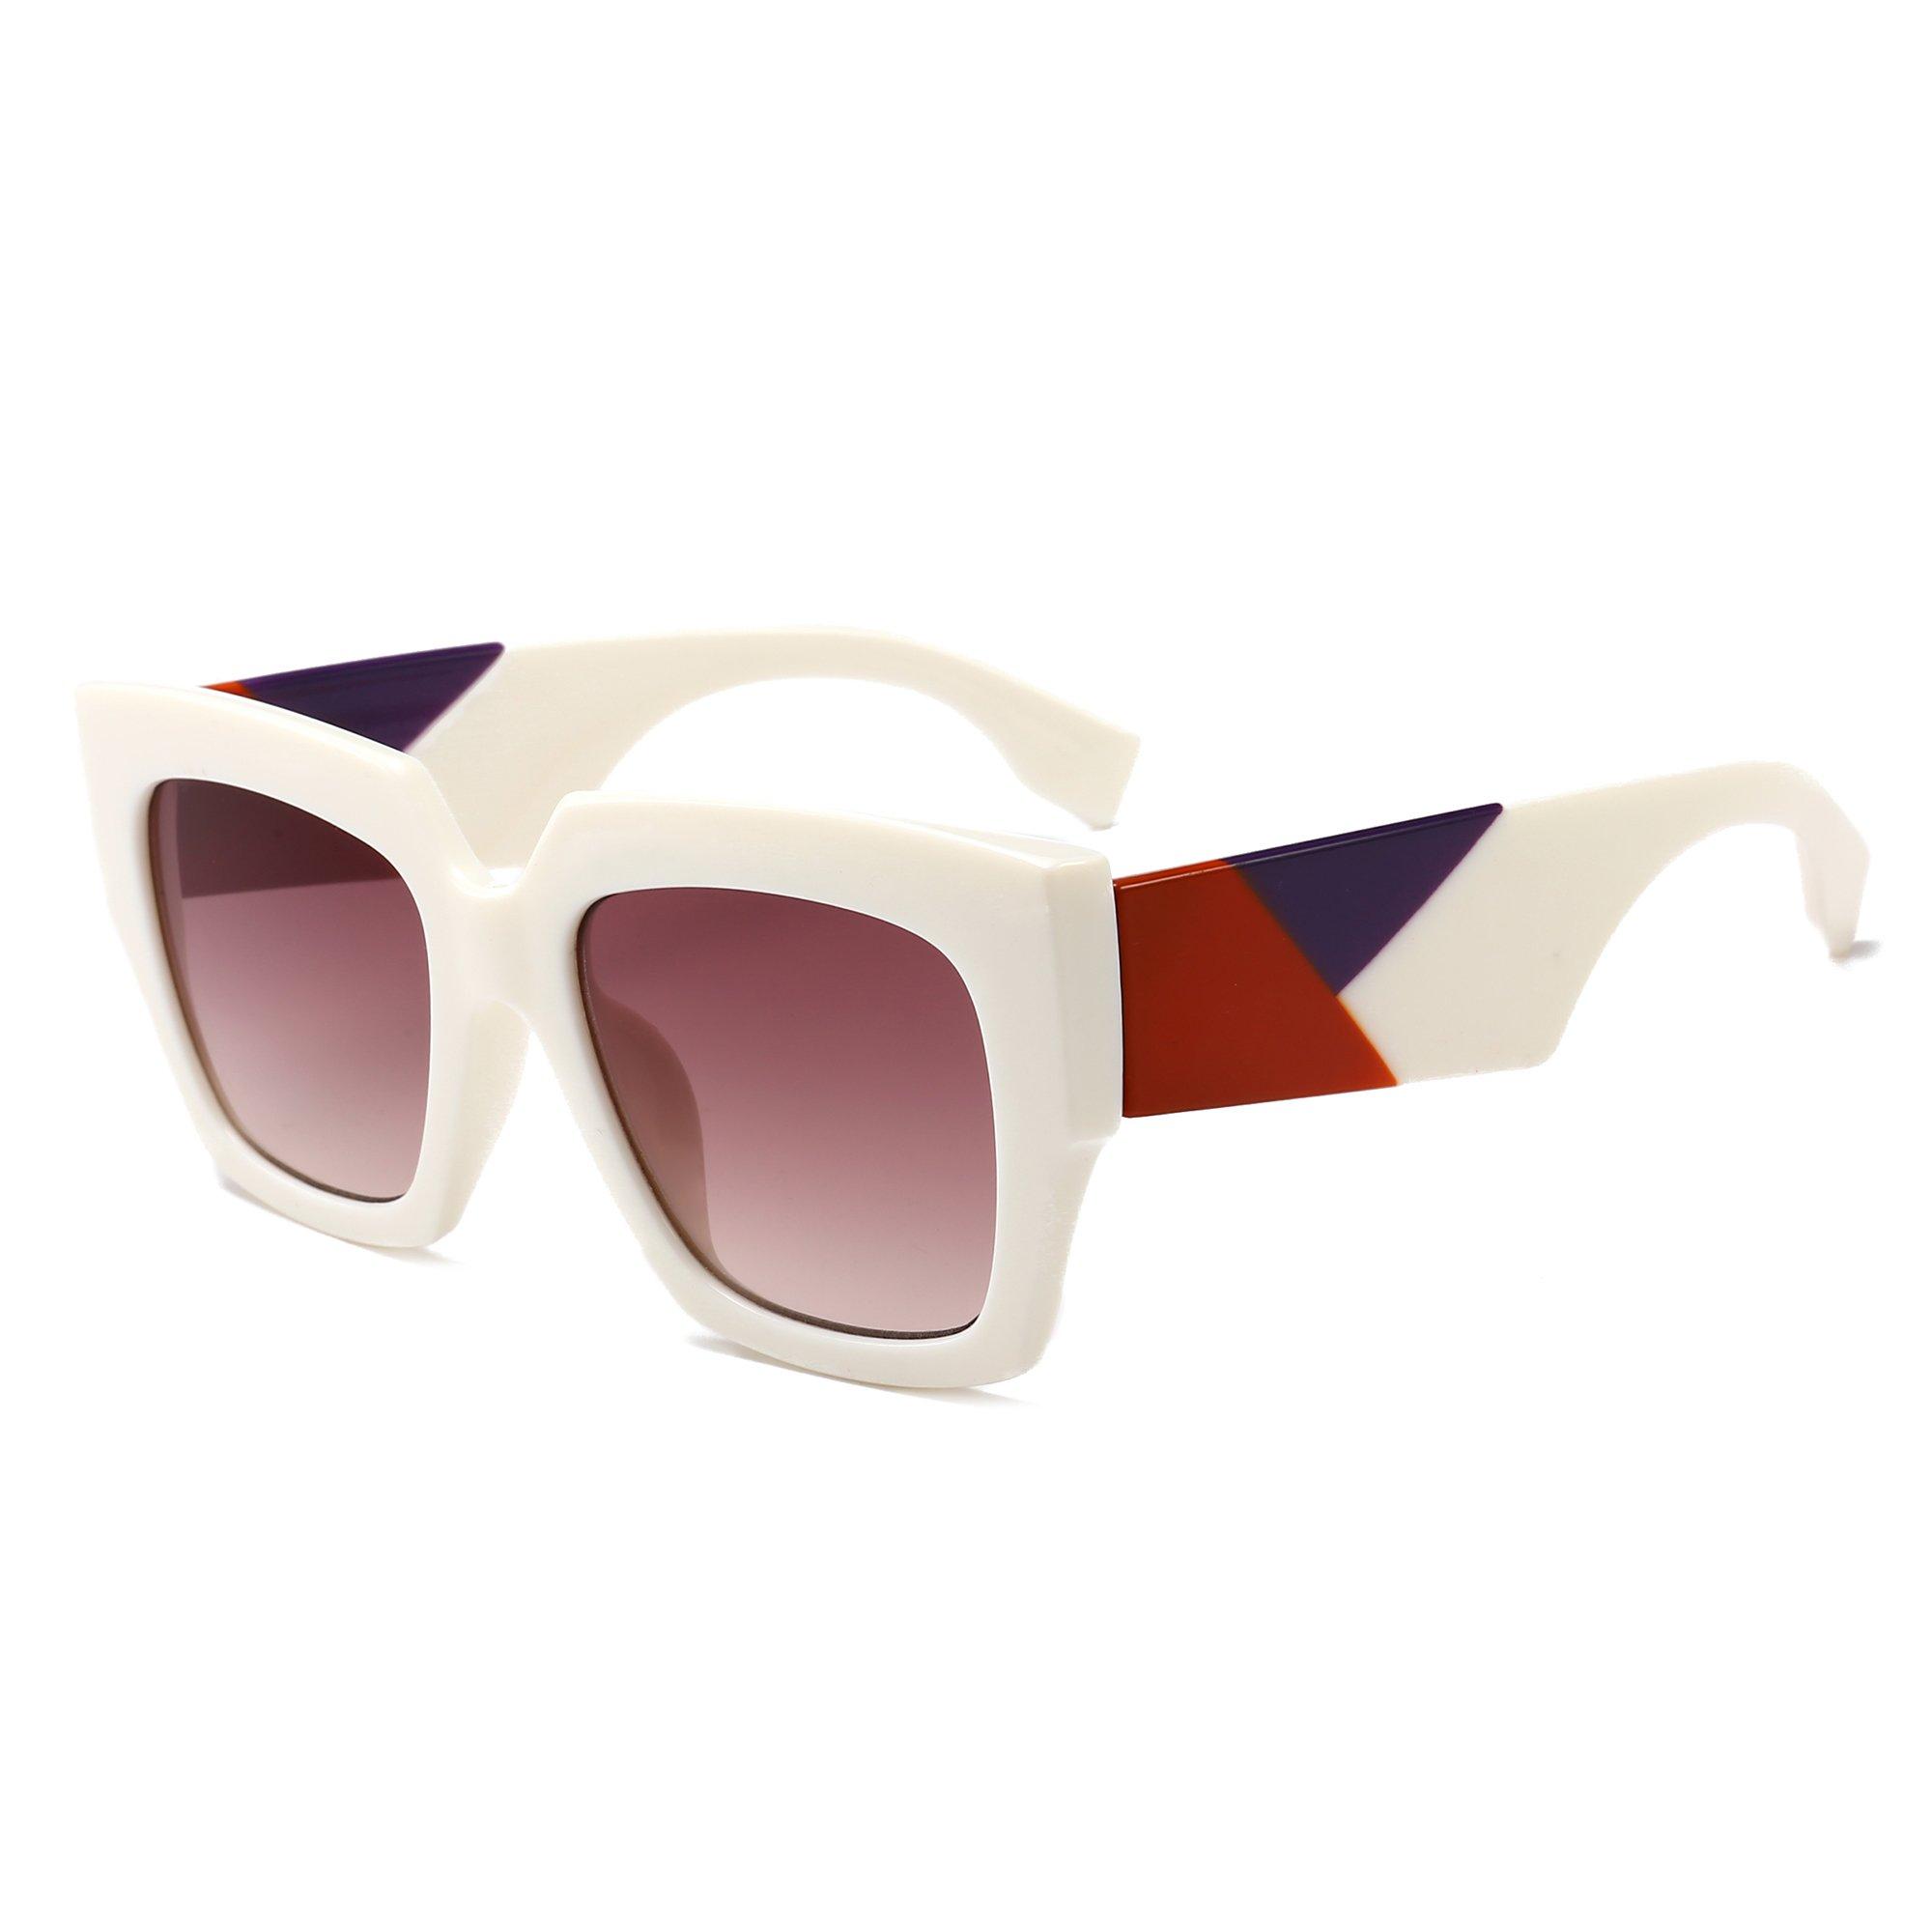 Gobiger Trendy Luxury Square Oversized Sunglasses for Women Brand Designer Shades (White Frame/Gradient Brown Lens) by GOBIGER